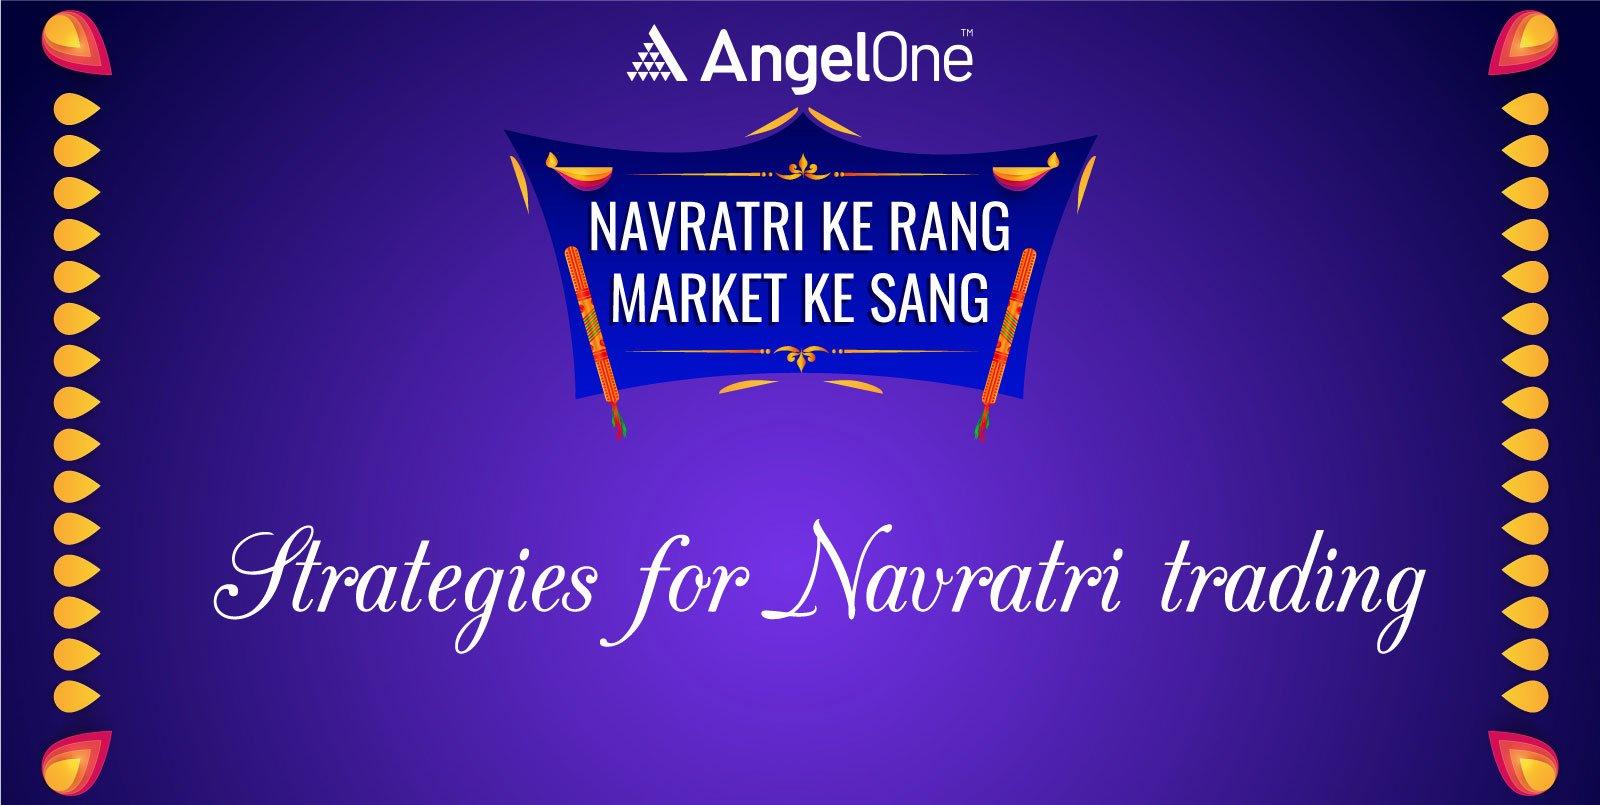 9 strategies for Navratri trading